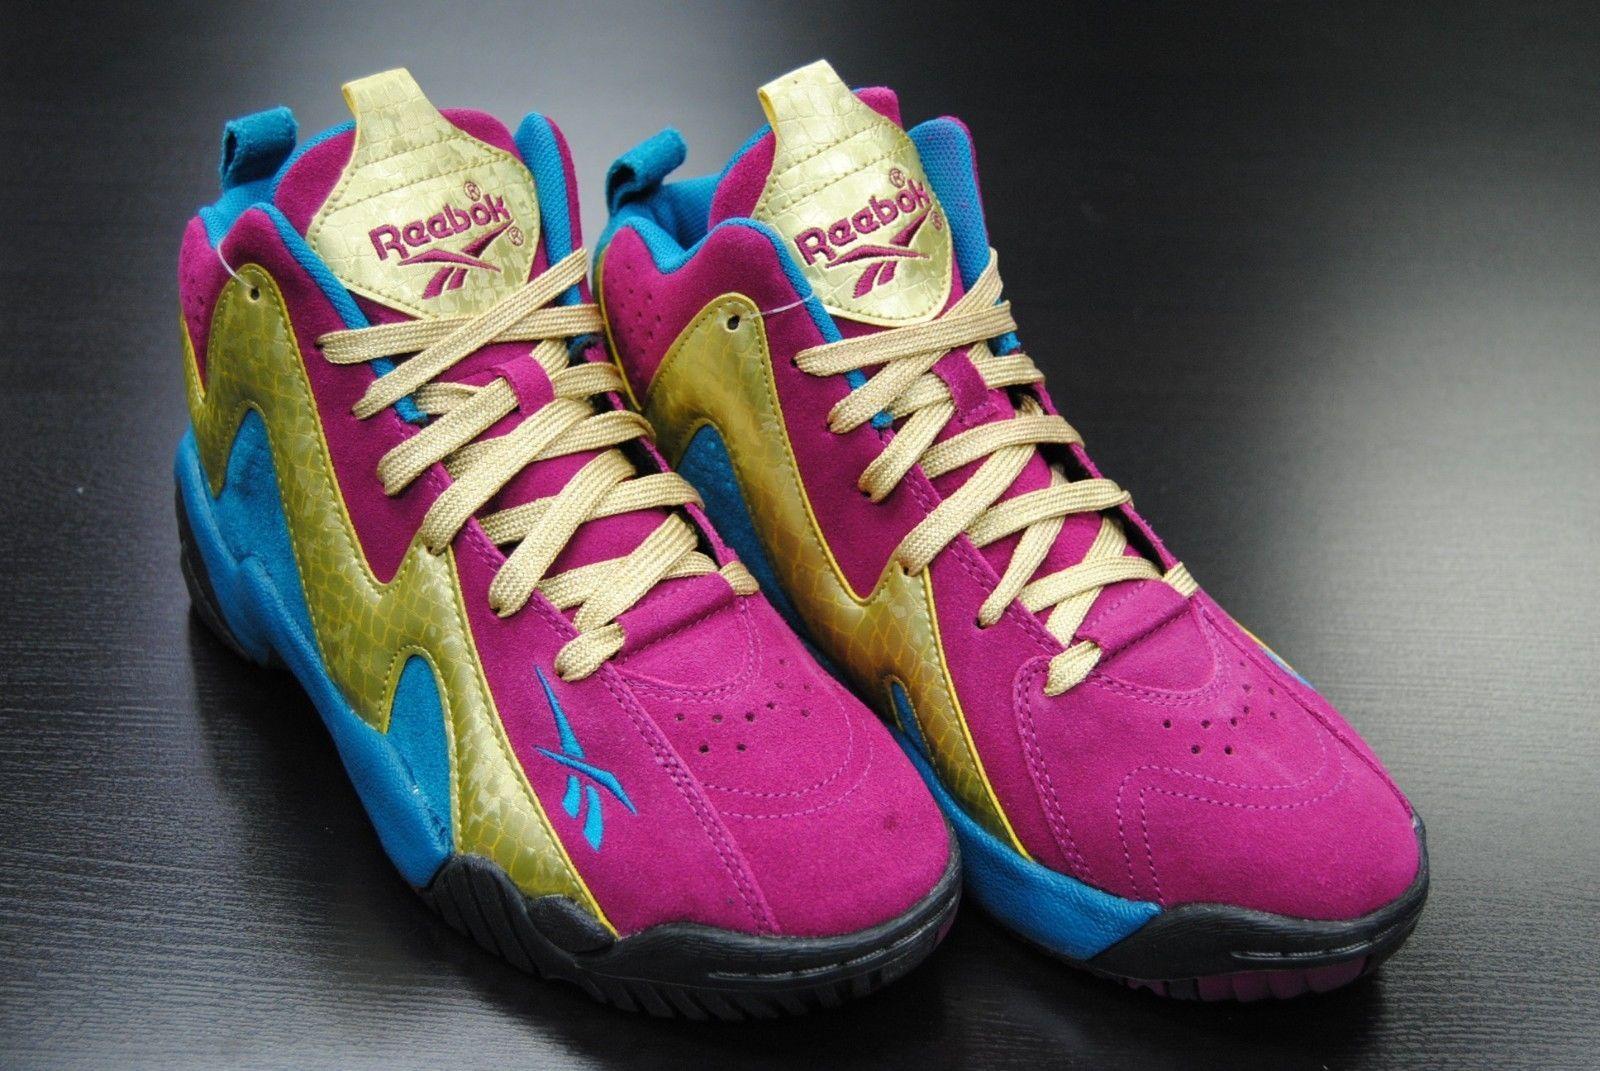 Pin By Boopdocom On Reebok Sneakers Reebok Sneakers Sneakers Reebok